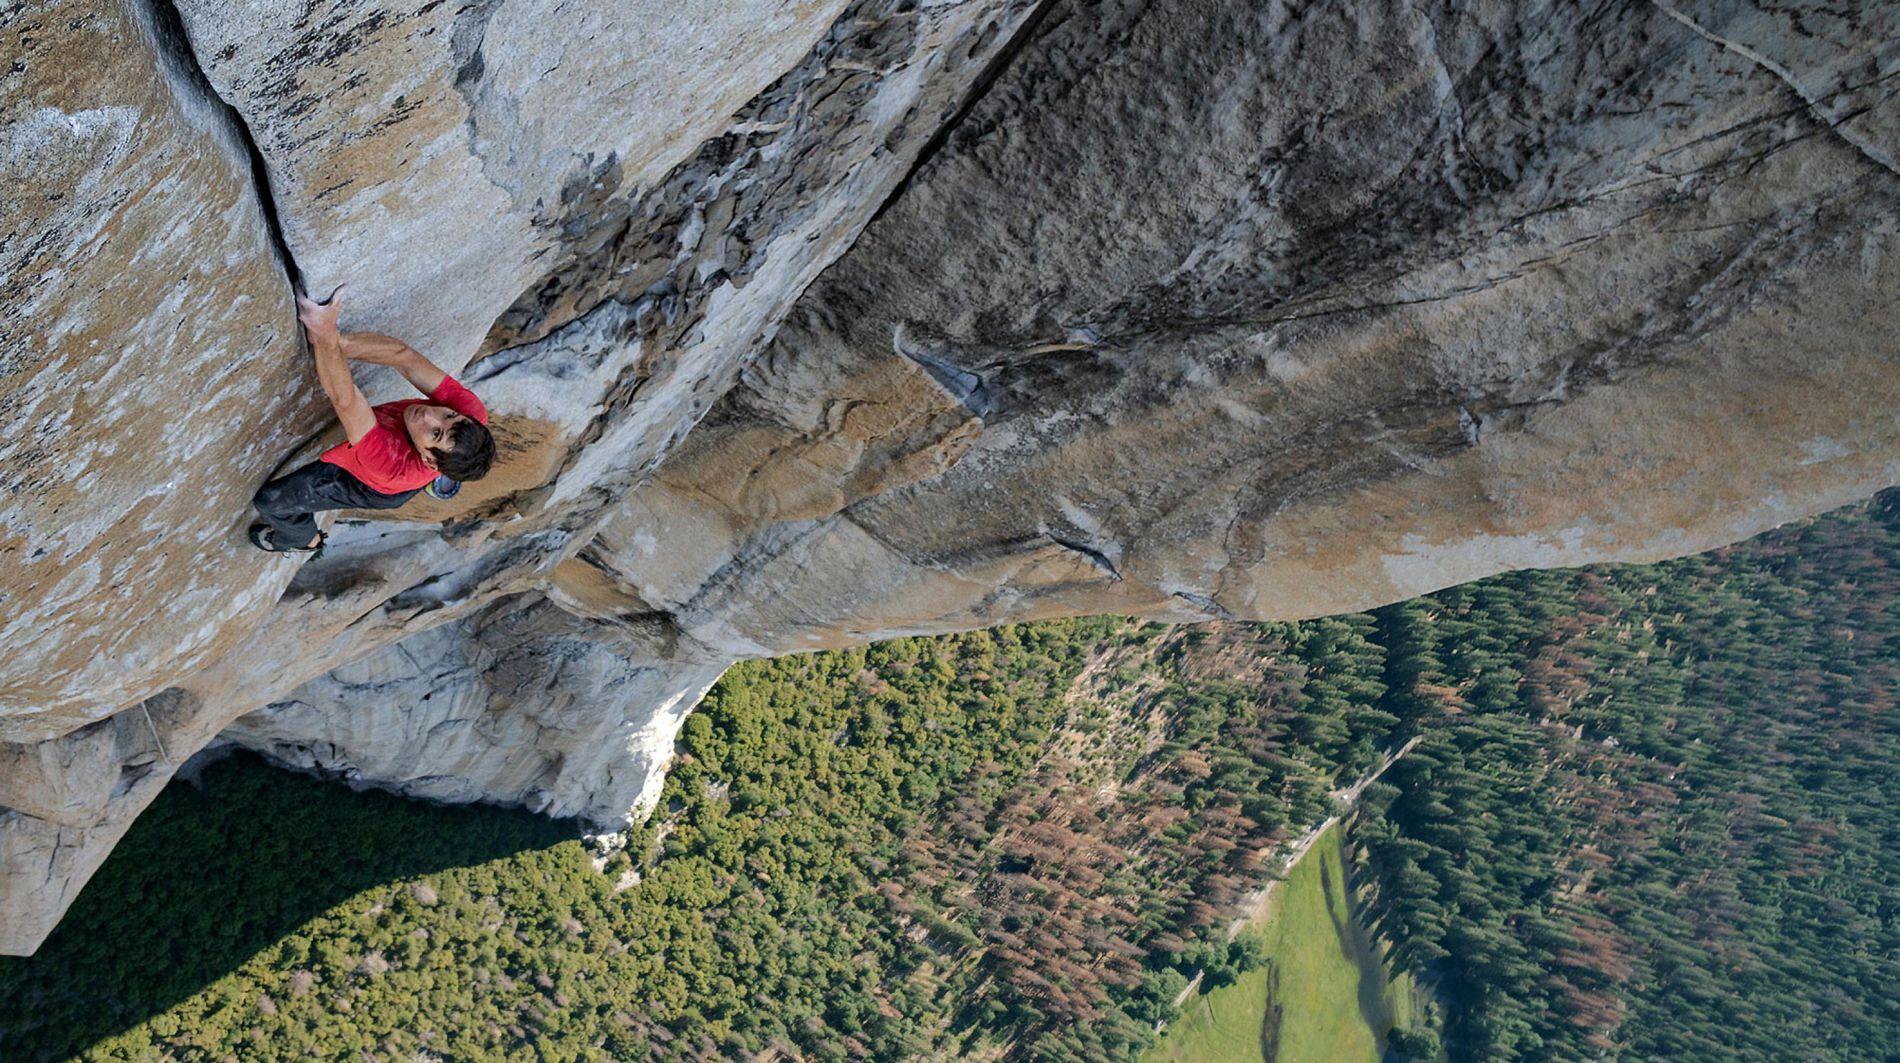 Na imagem, Alex Honnold escala um paredão gigante. Ele está com as mãos entre um pequeno vão, sem protecão alguma.